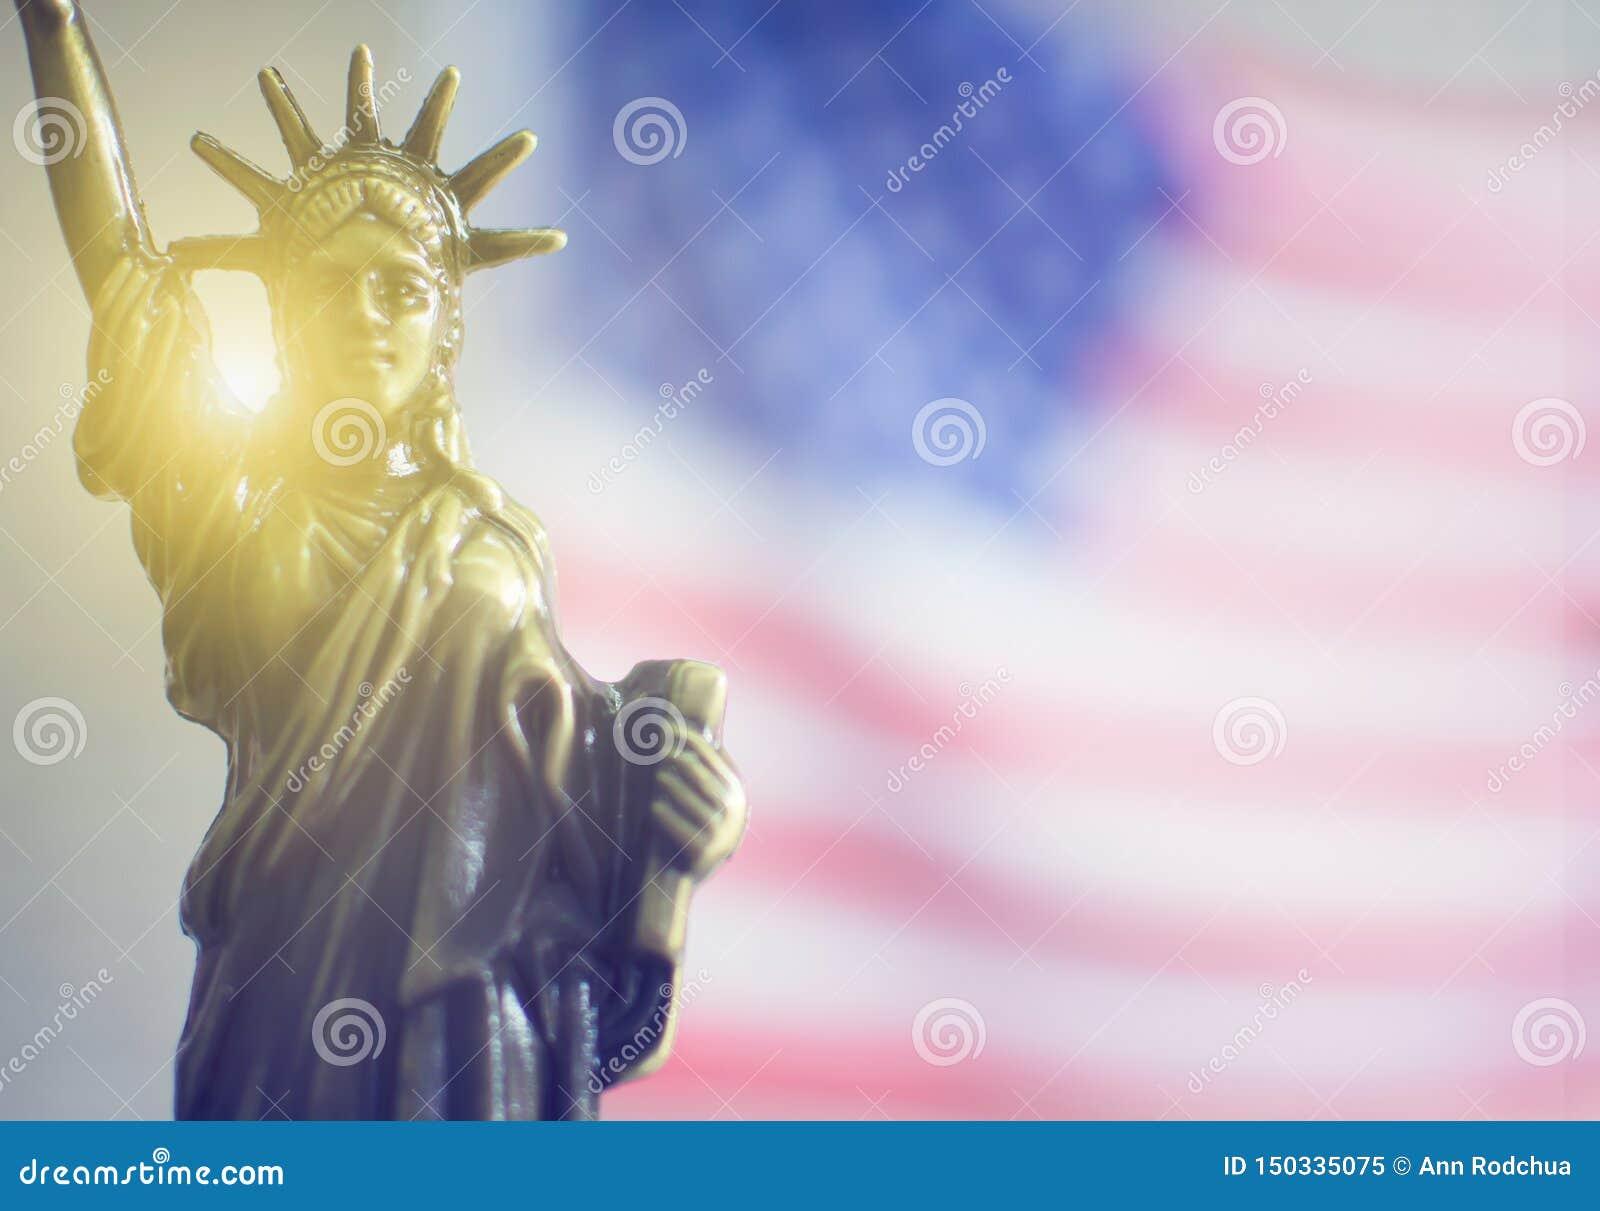 Άγαλμα της ελευθερίας με το φως πίσω